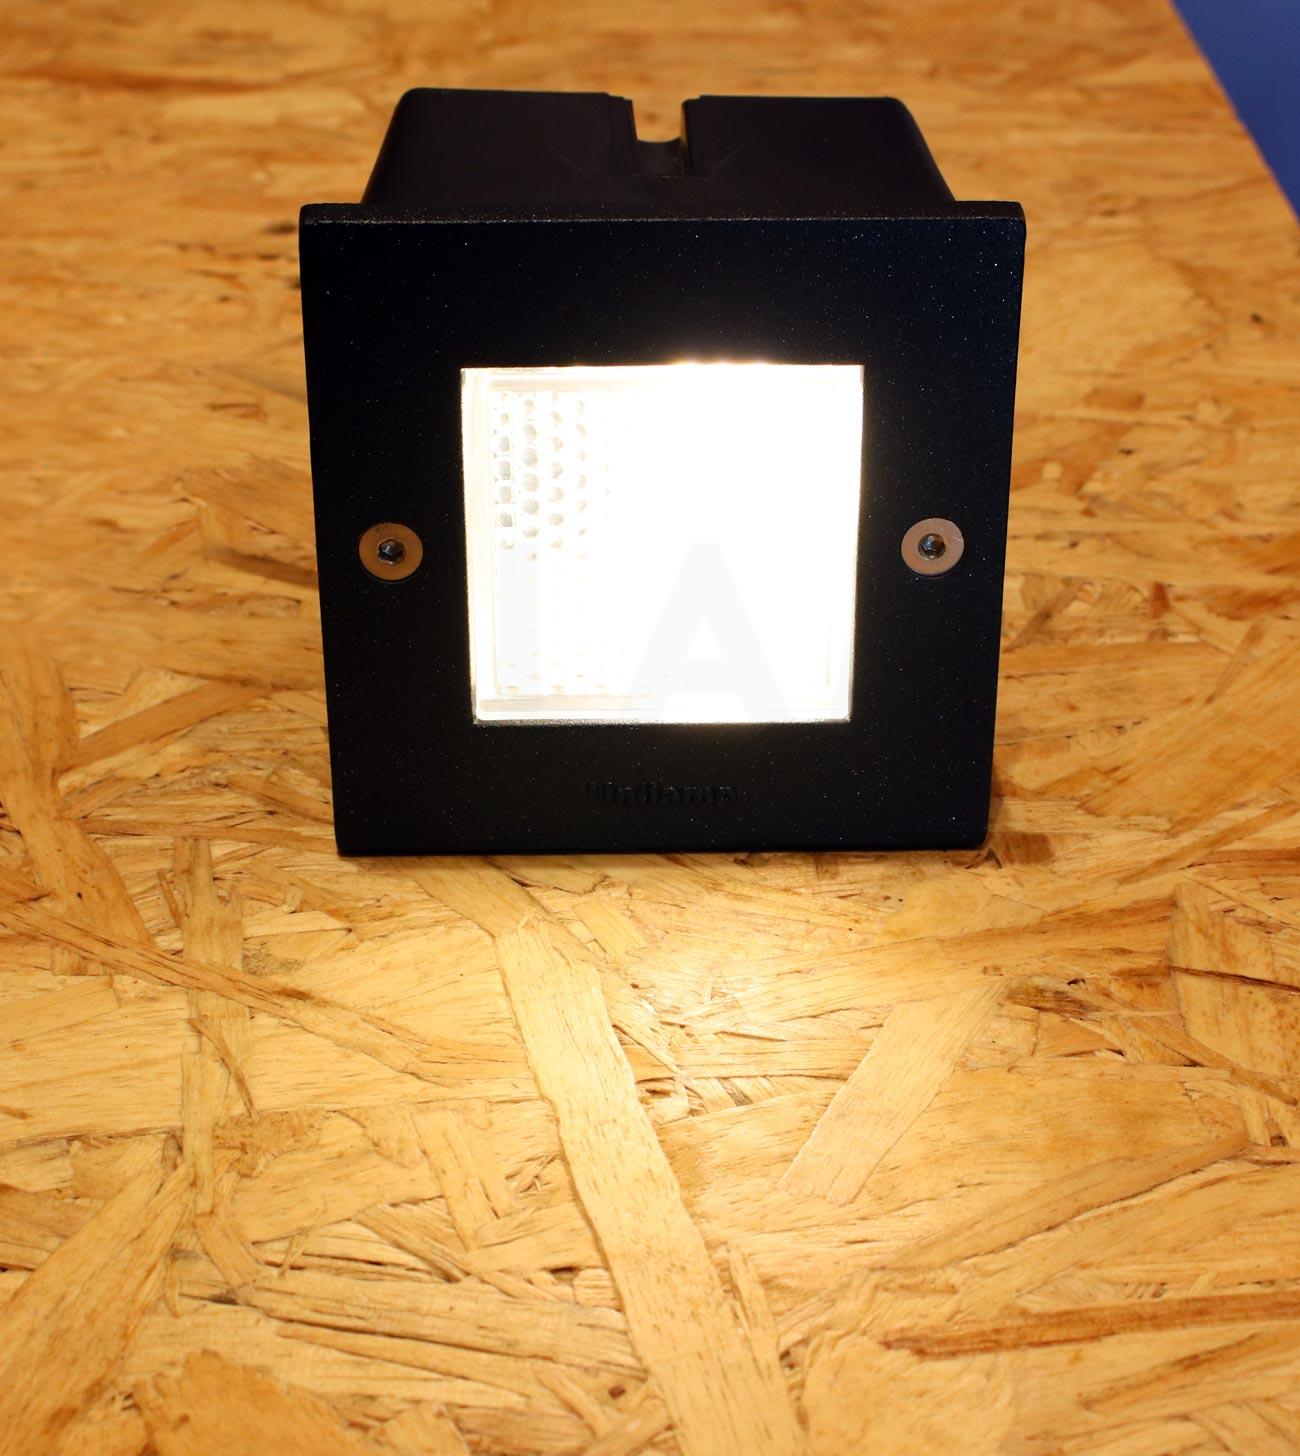 โคมไฟฝังผนัง Step Light โคมไฟภายนอก โคมไฟติดผนัง DOT-SQUARE-BLACK